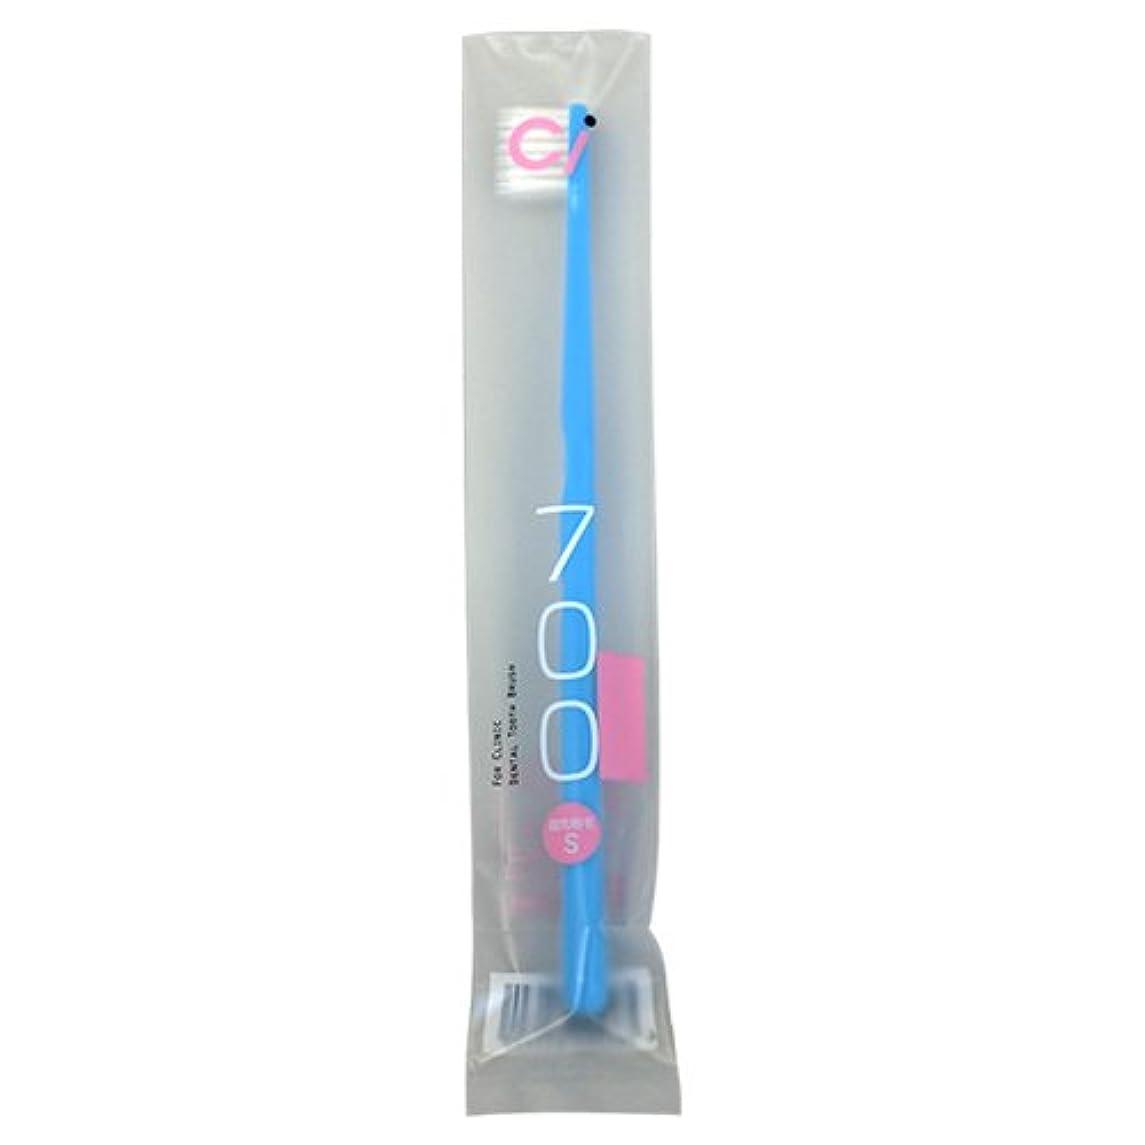 Ciメディカル Ci700 超先細 ラウンド毛 歯ブラシ 1本 (Sやわらかめ)ブルー